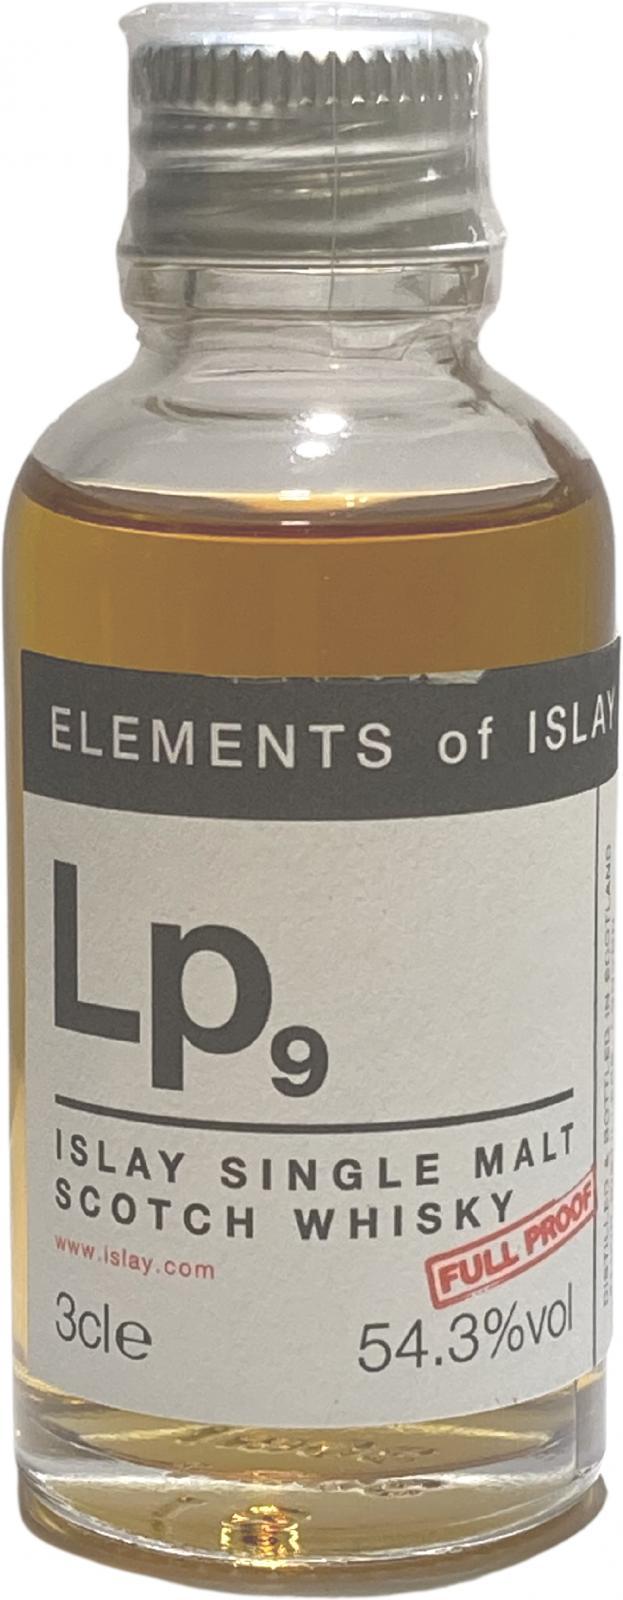 Laphroaig Lp9 ElD